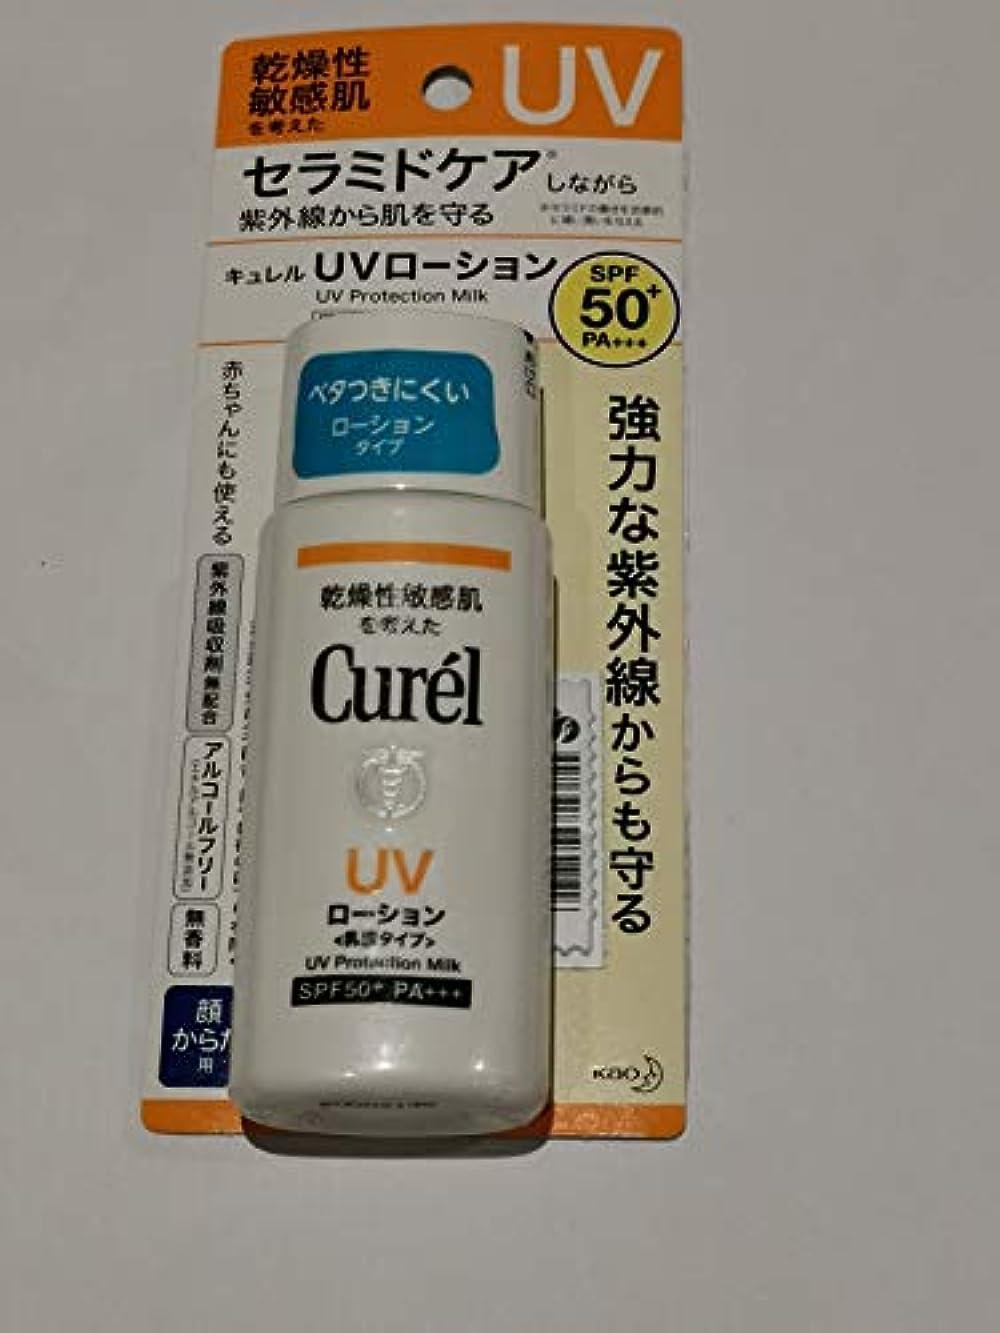 異なる体操選手干渉するCurél 牛乳のキュレルUVプロテクションフェースSPF5060のグラム - 紫外線による肌の赤みや炎症を軽減しながらUVに対する長期的な保護は、最強の光線